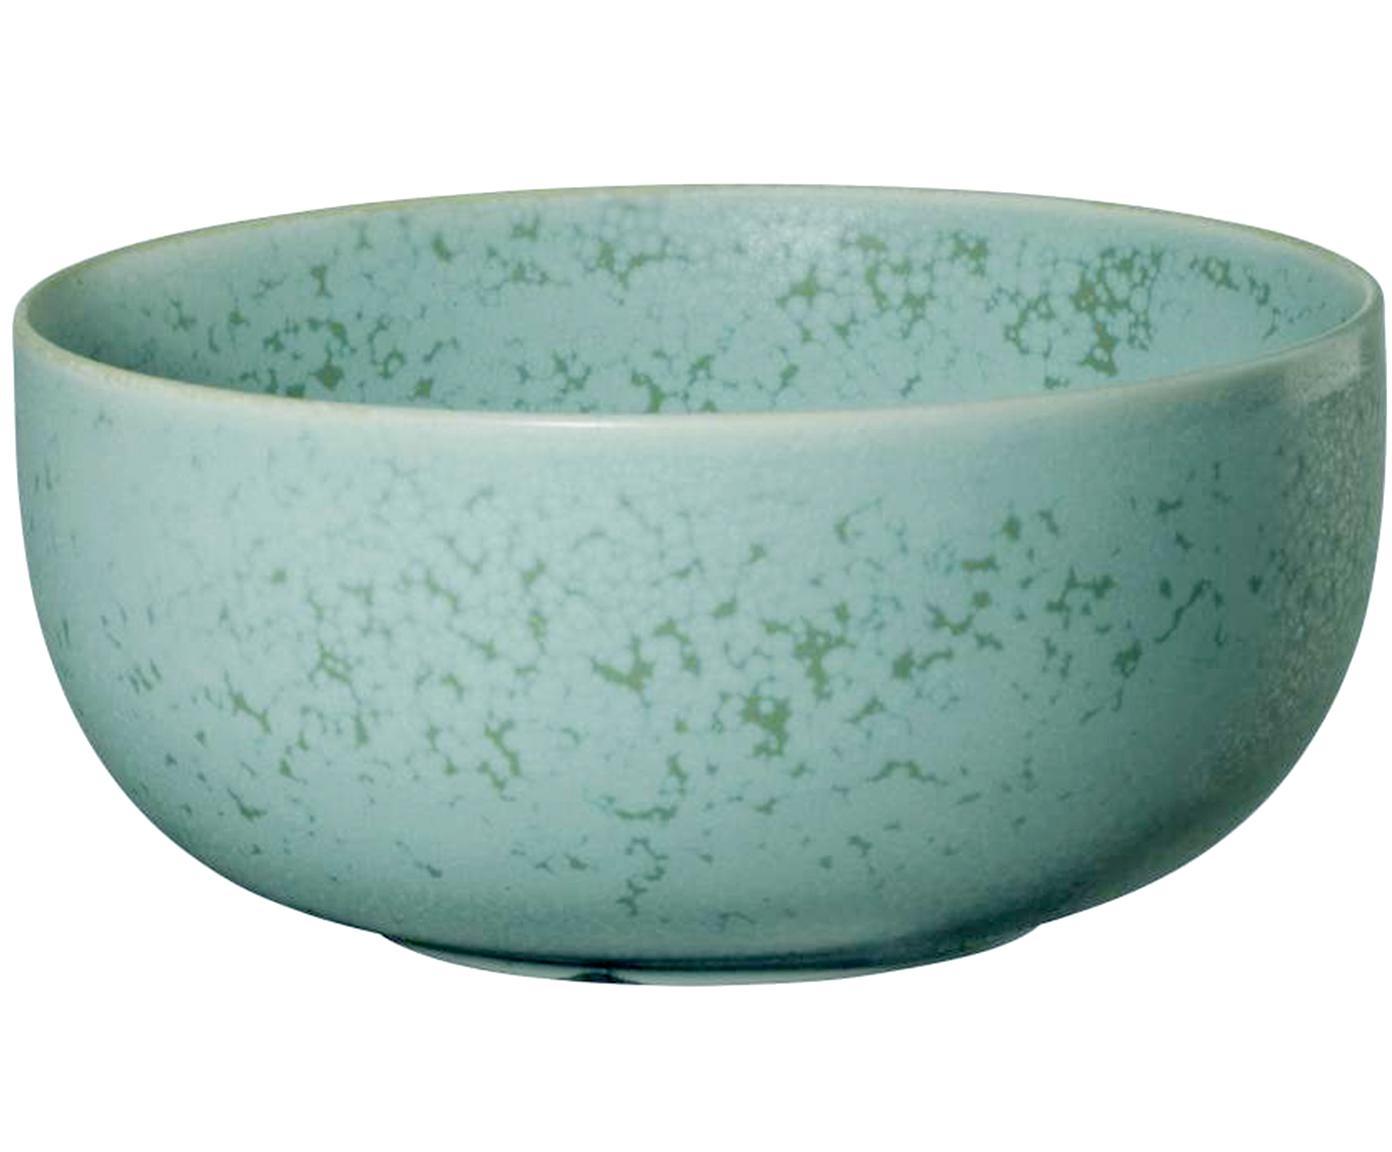 Handgefertigte Schälchen Coppa in Mintgrün und braun gesprenkelt, 2 Stück, Porzellan, Mintgrüntöne, Ø 14 cm